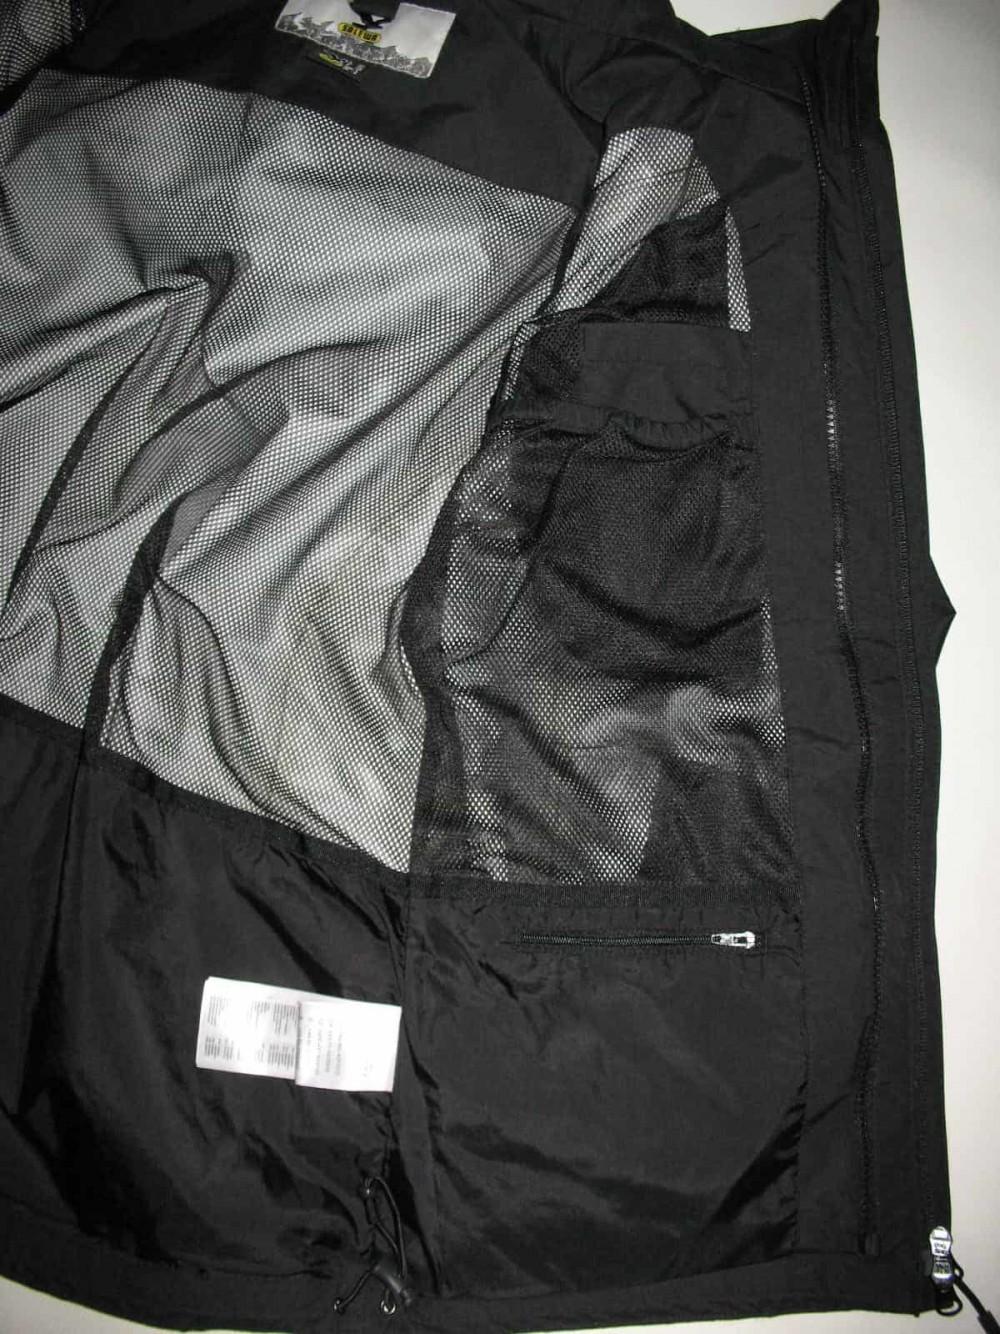 Куртка SALEWA 3in1 sceny jacket lady (размер M) - 9